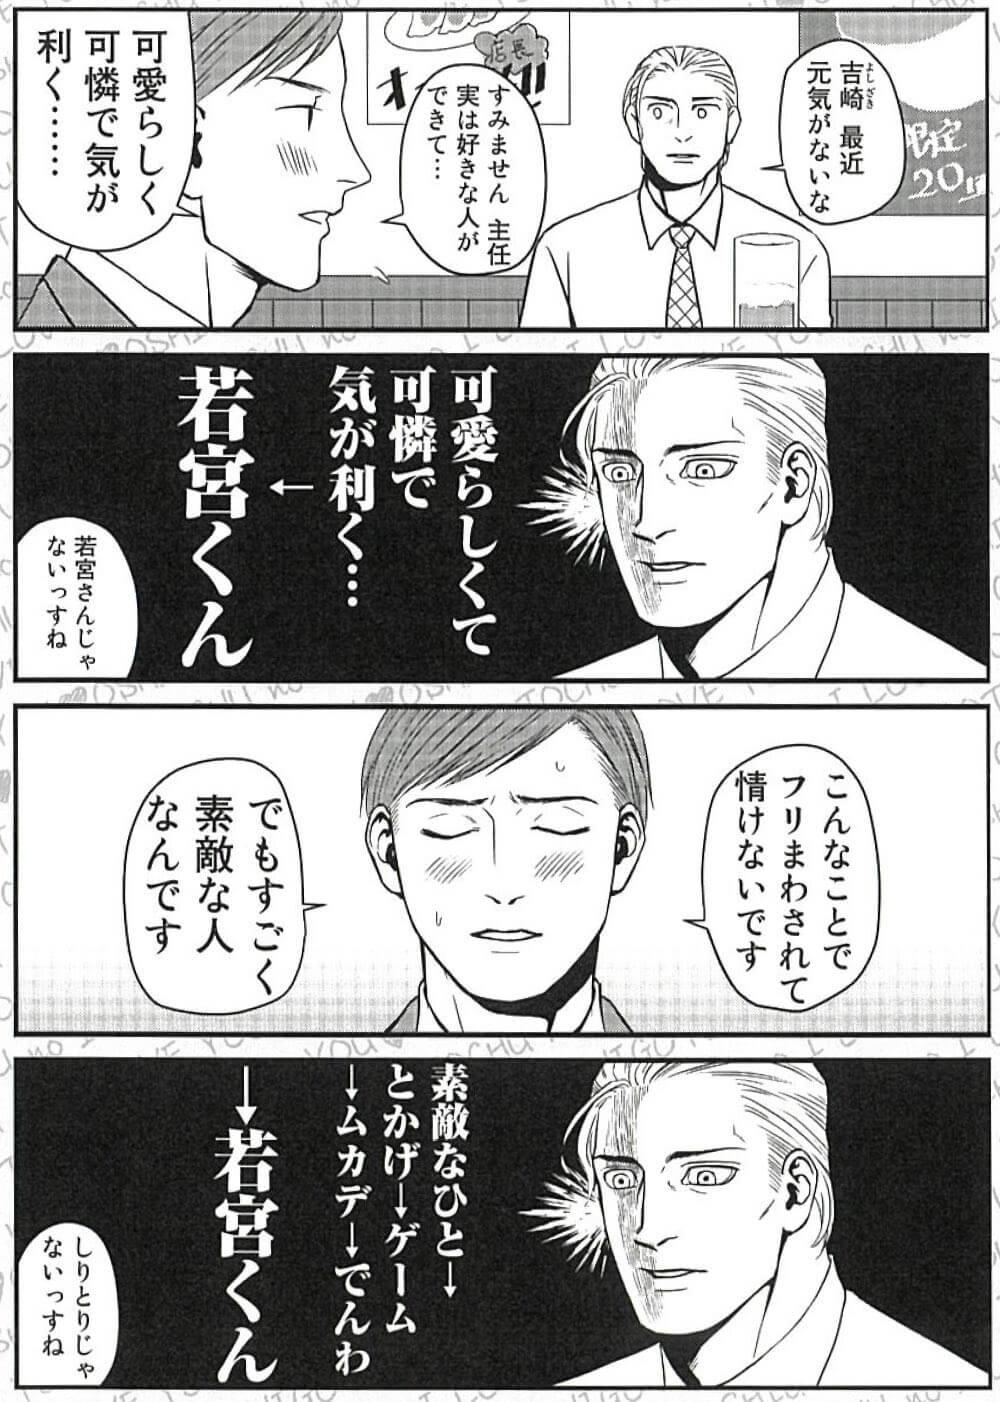 上司が新入社員に恋する漫画2-3